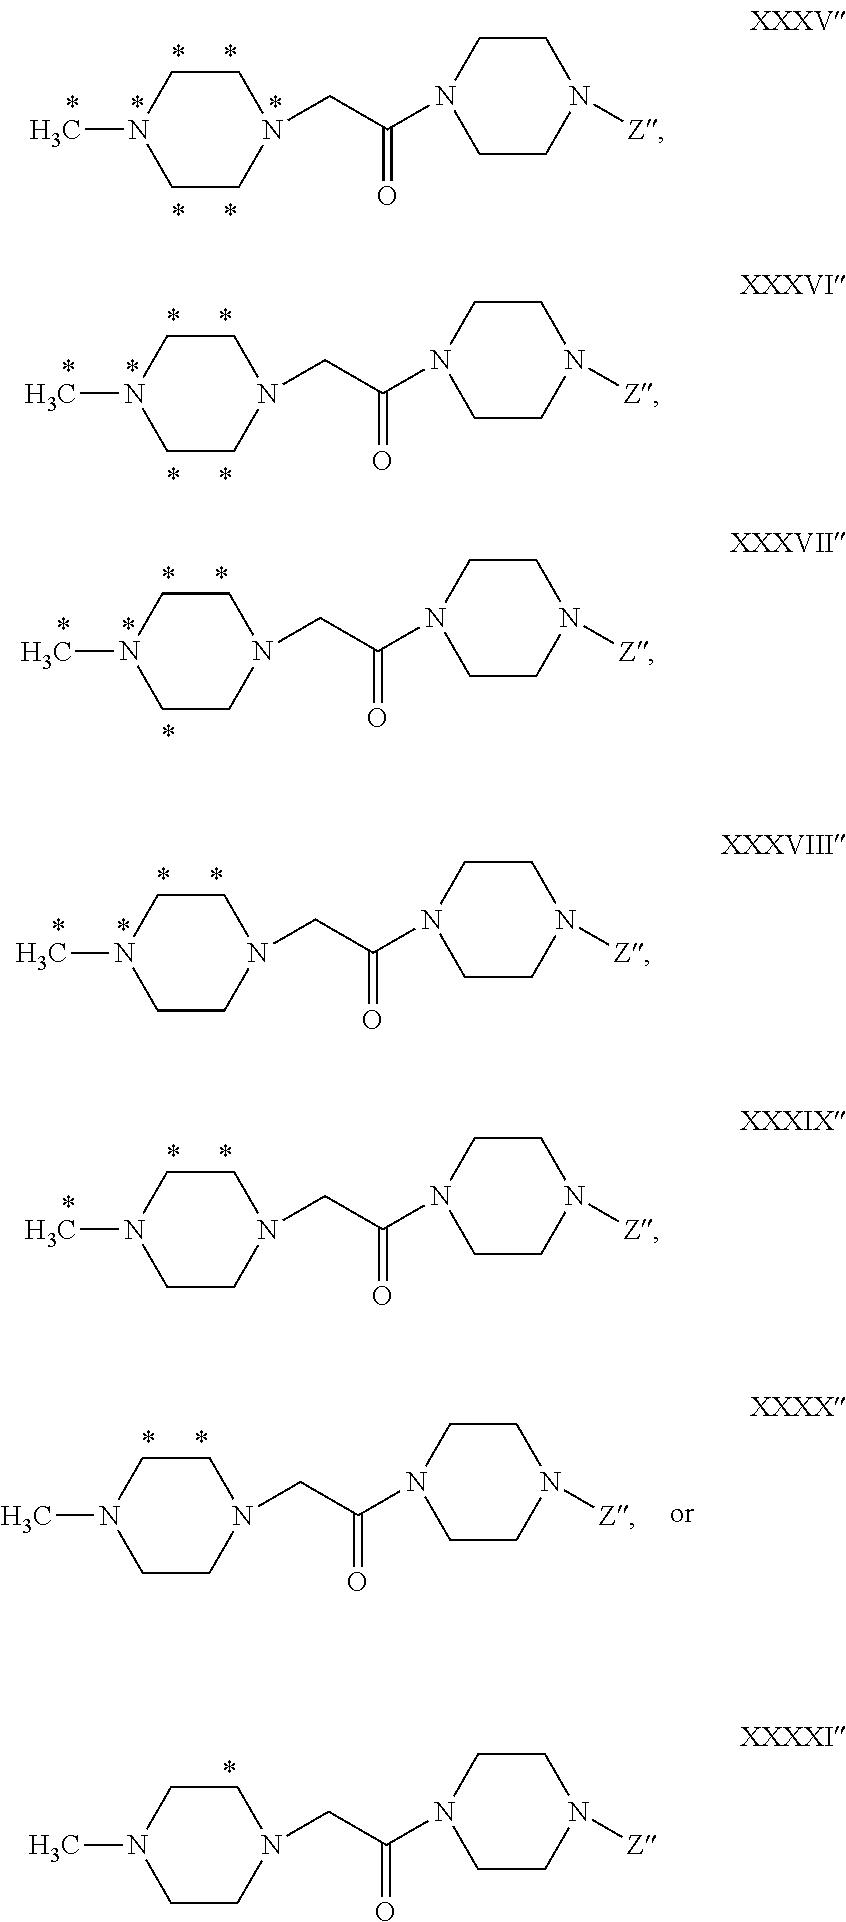 Figure US08492163-20130723-C00042